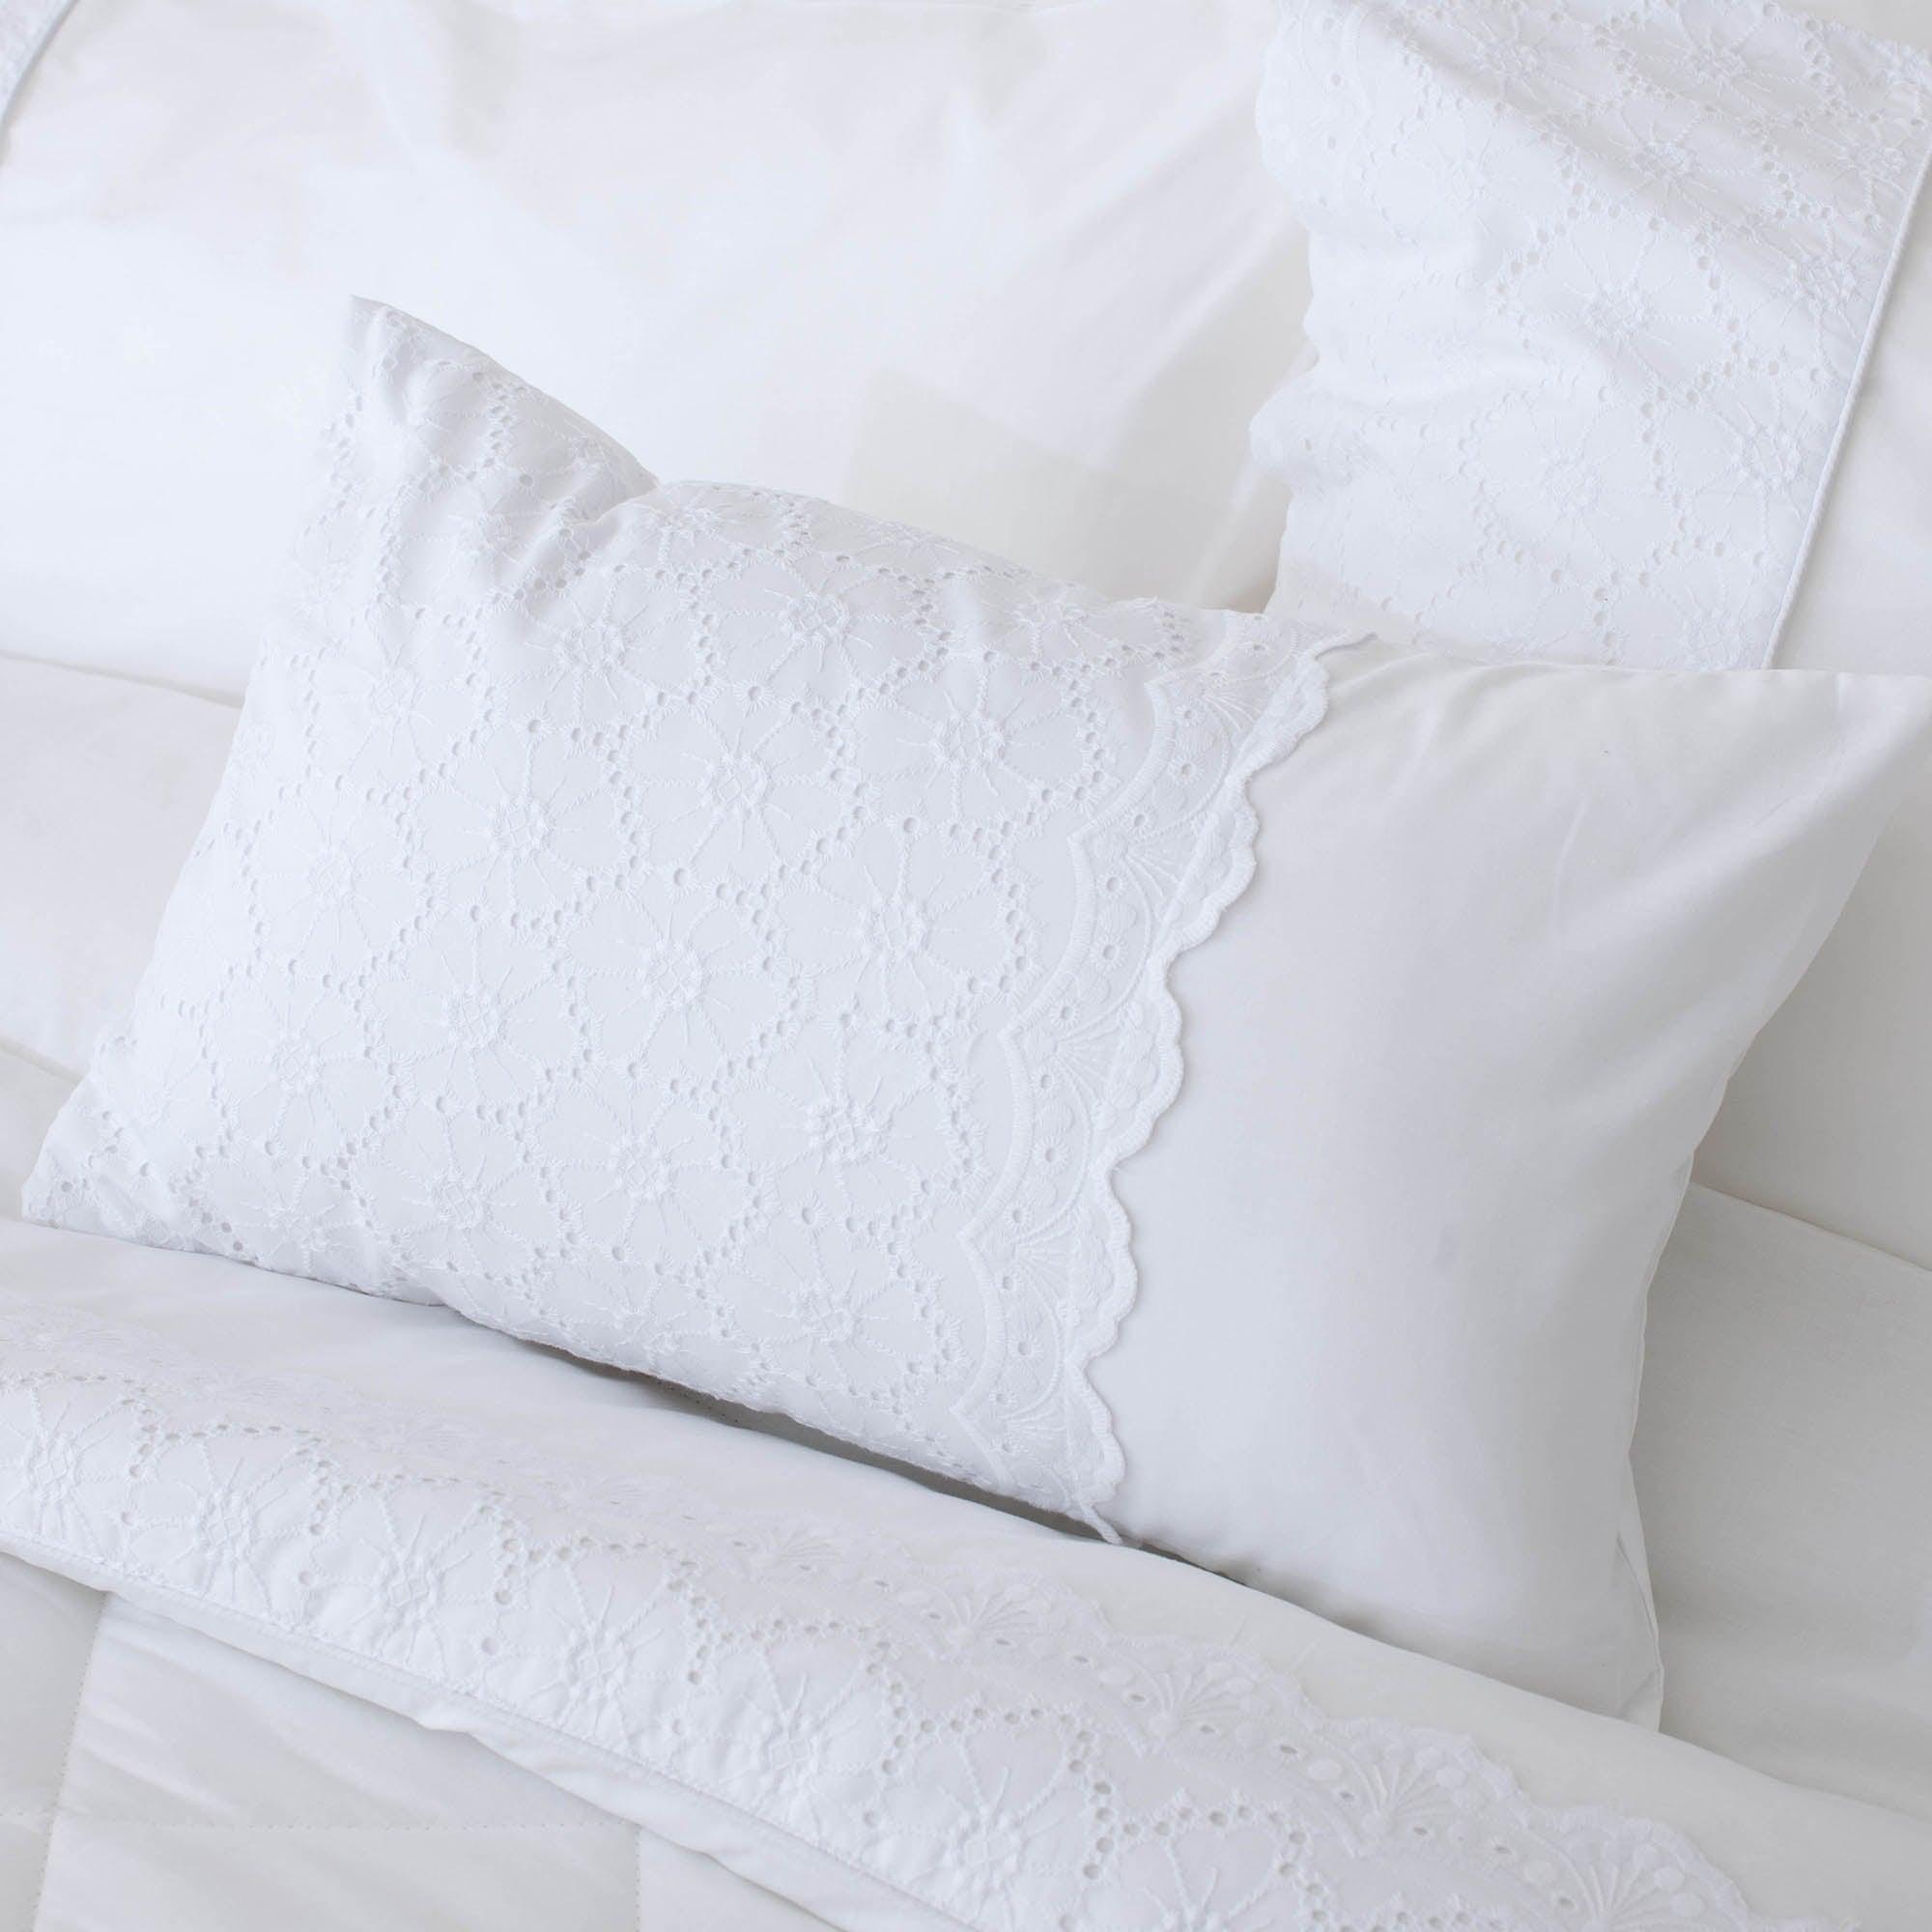 White Leighton Collection Boudoir Cushion